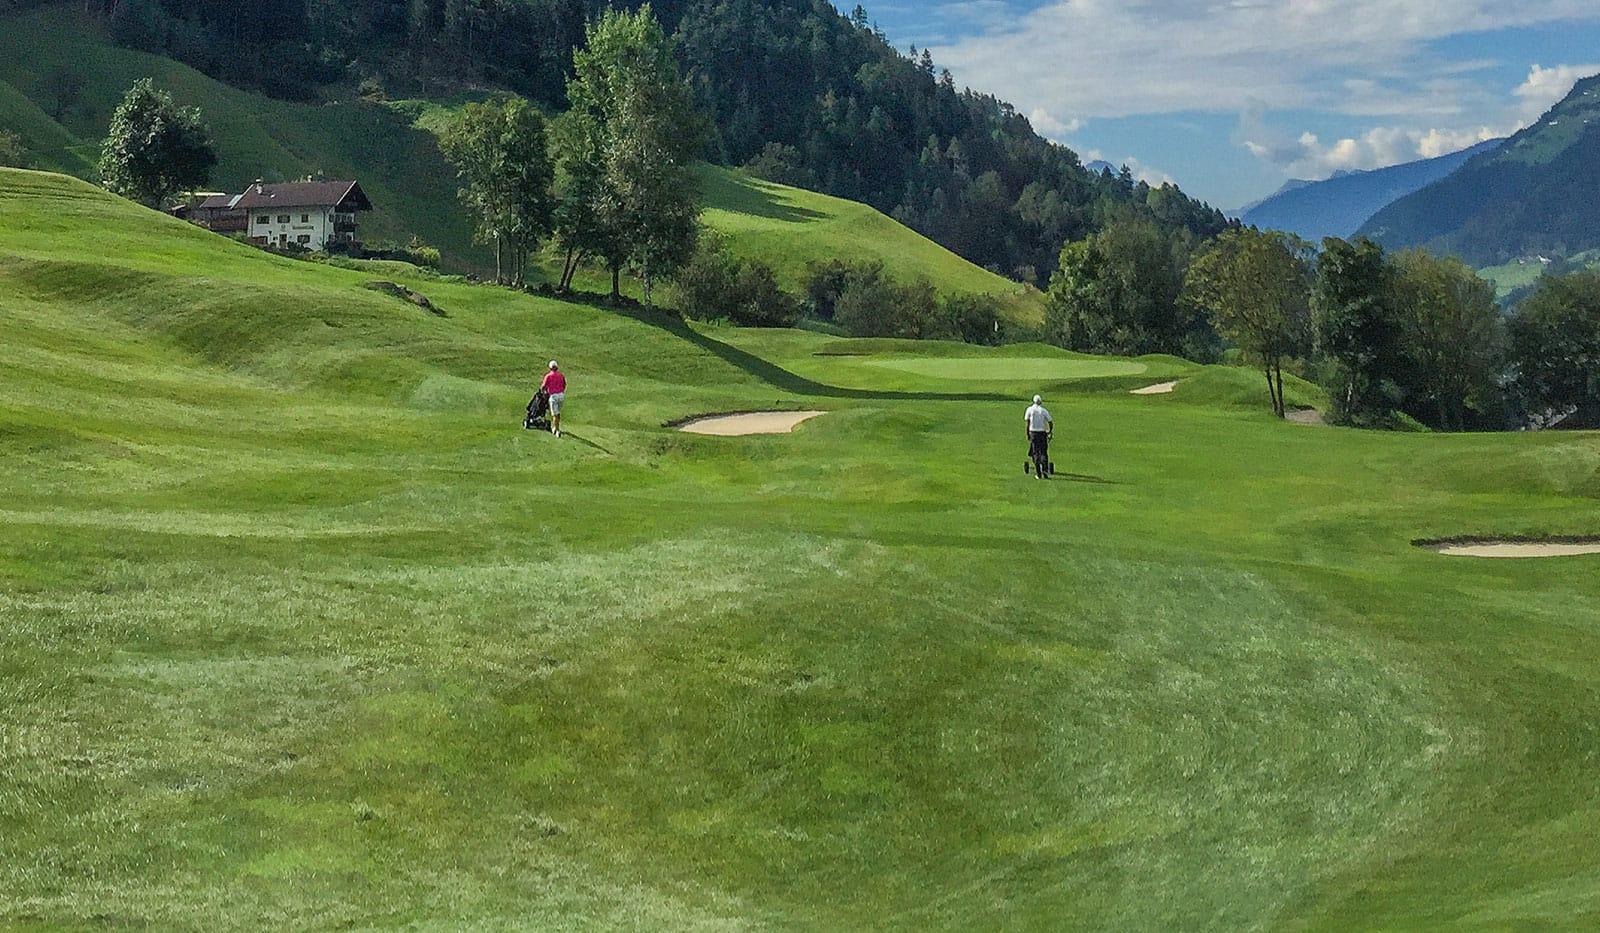 932 Kopie - Golfplatz mit Ausblick - der Golf Club Passeier.Meran